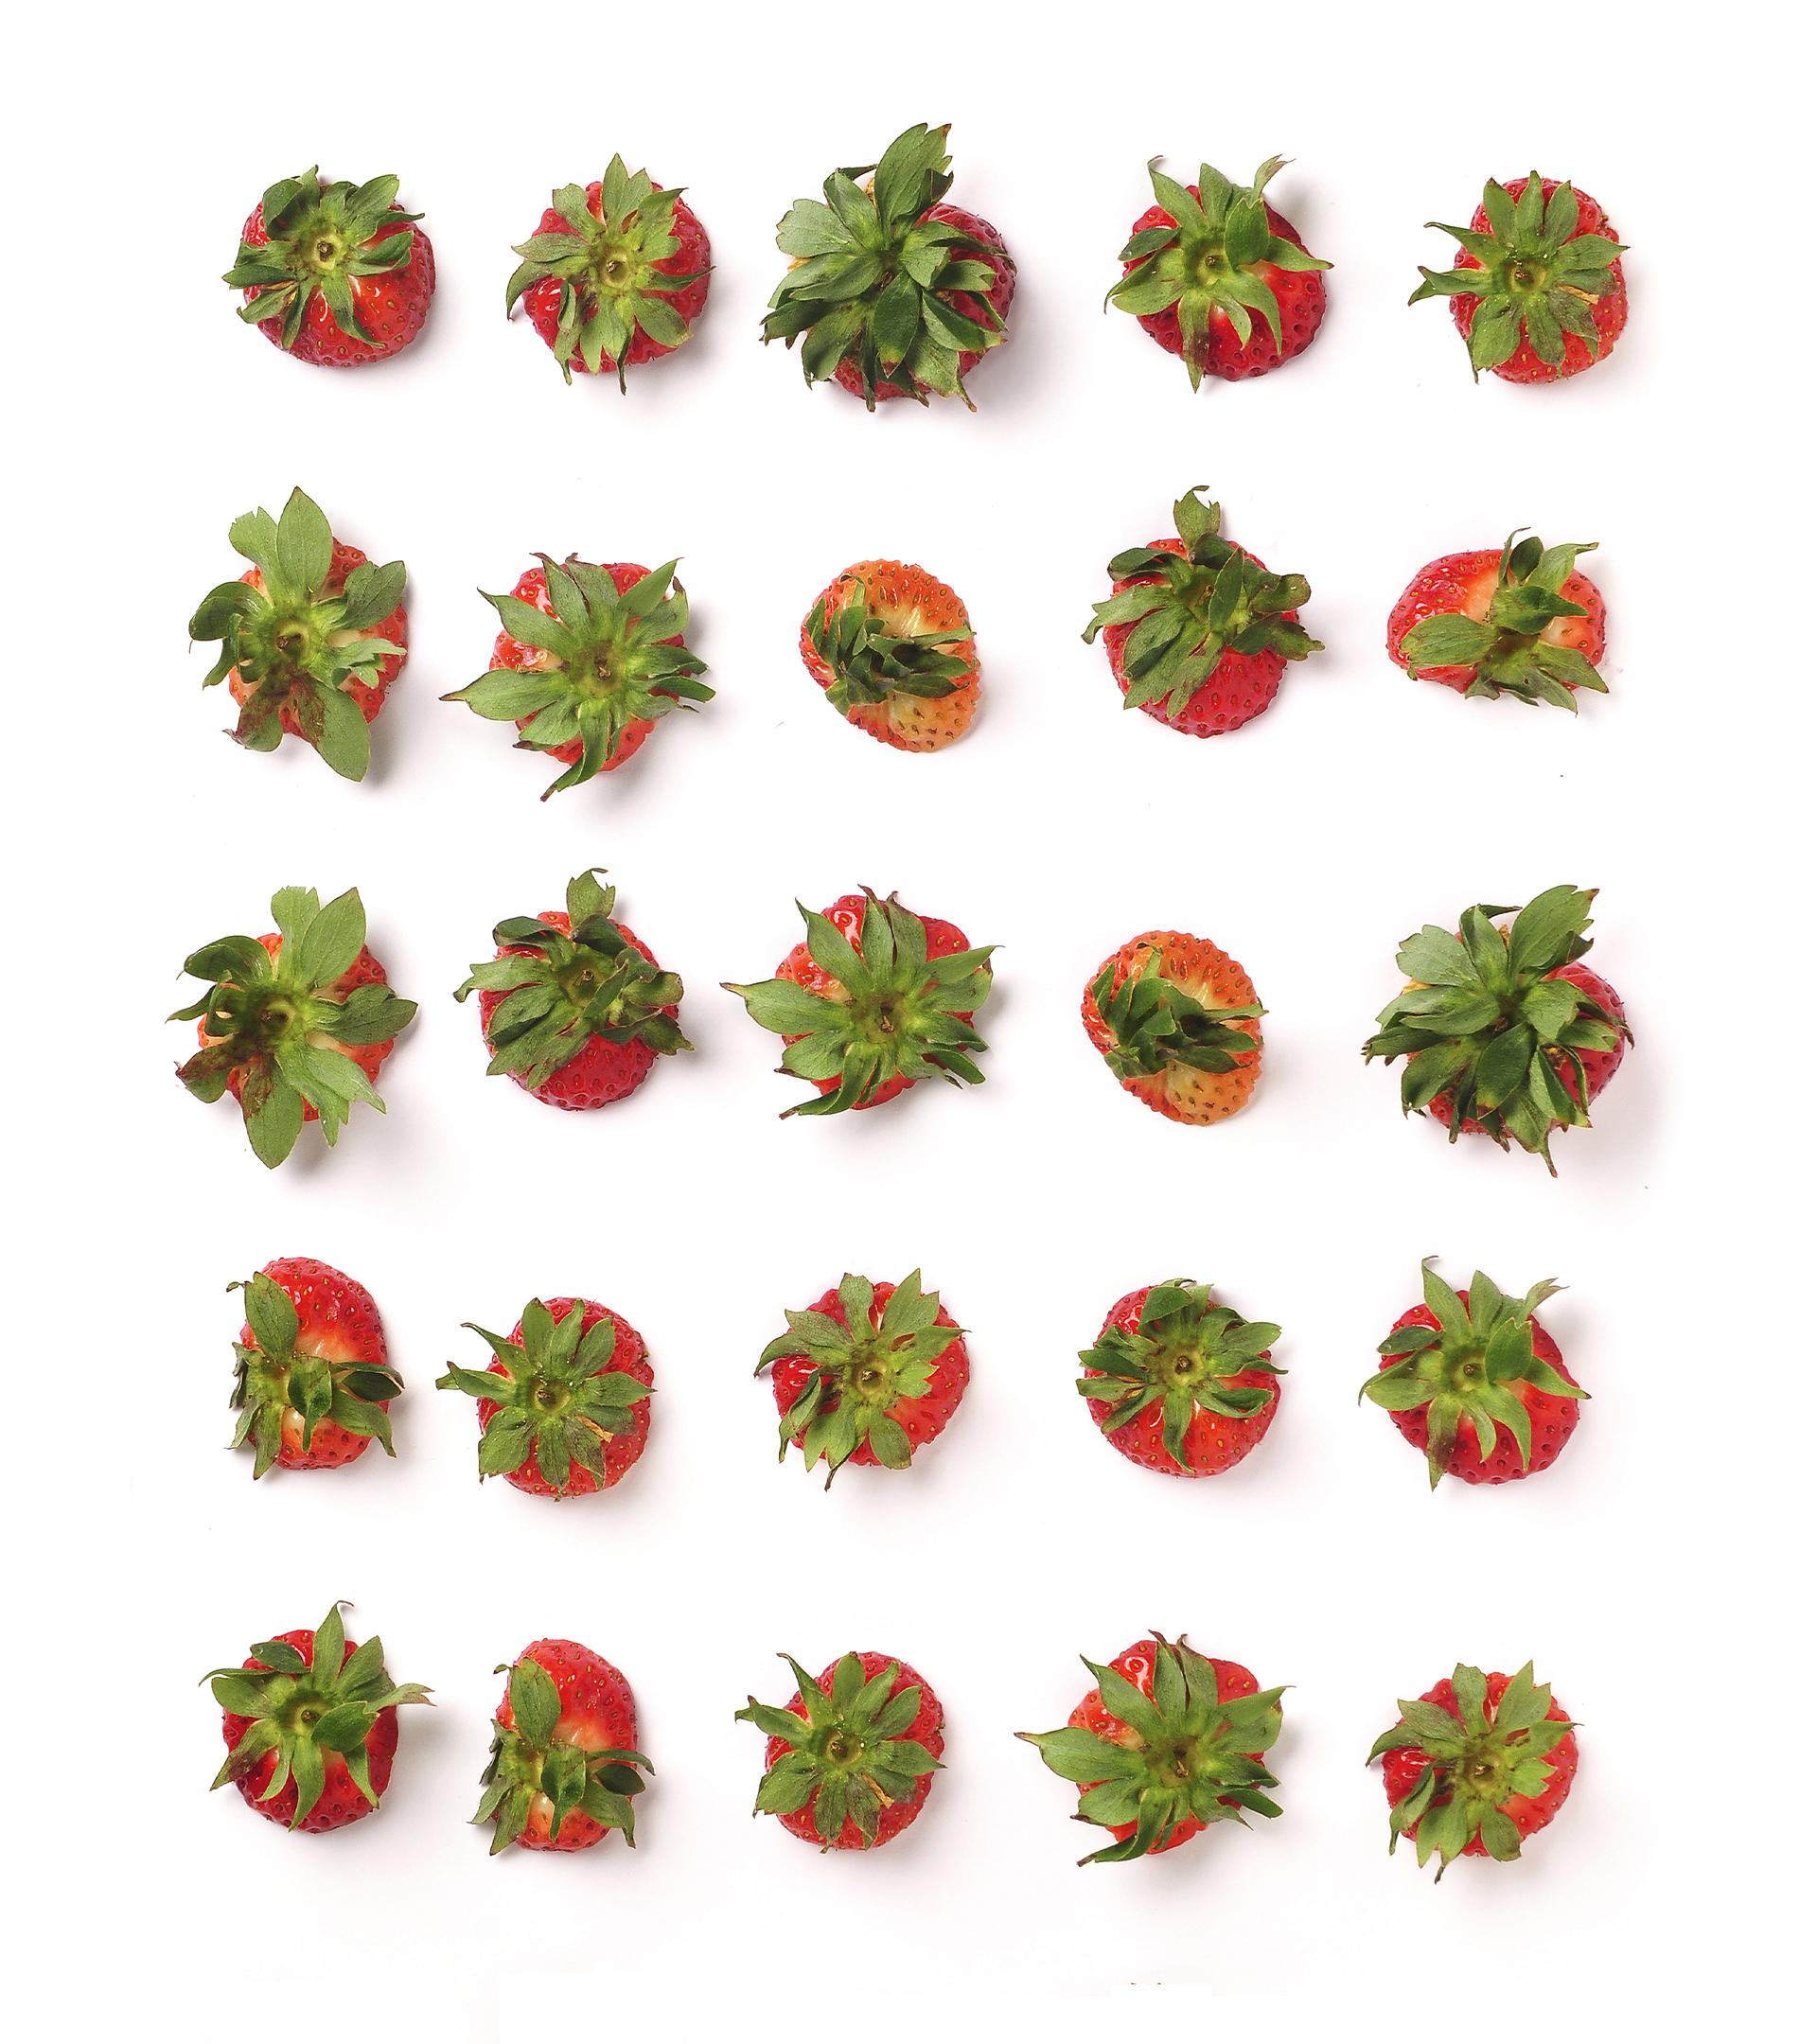 Onubafruit, la revolución de las 'berries'